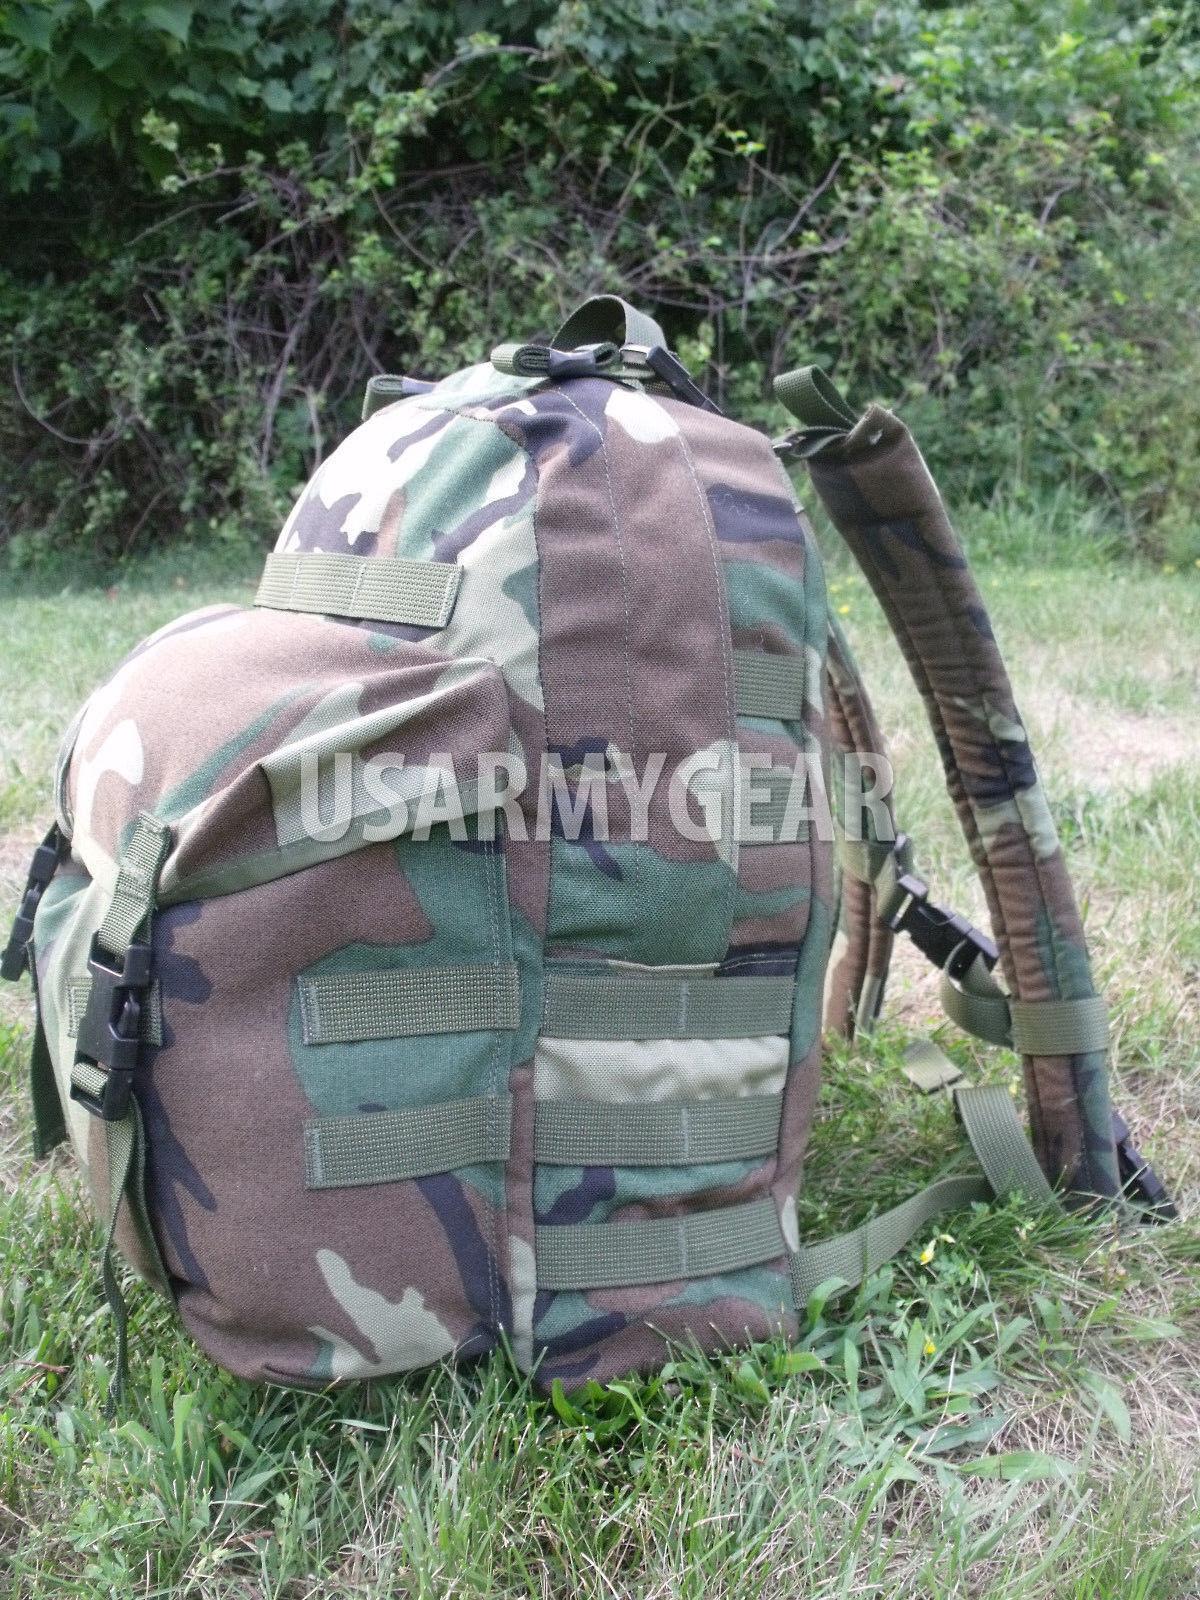 Molle II Patrouille Sac à dos US Army military boisland 3 jours Sac Field Gear GouverneHommest Des États-Unis émis